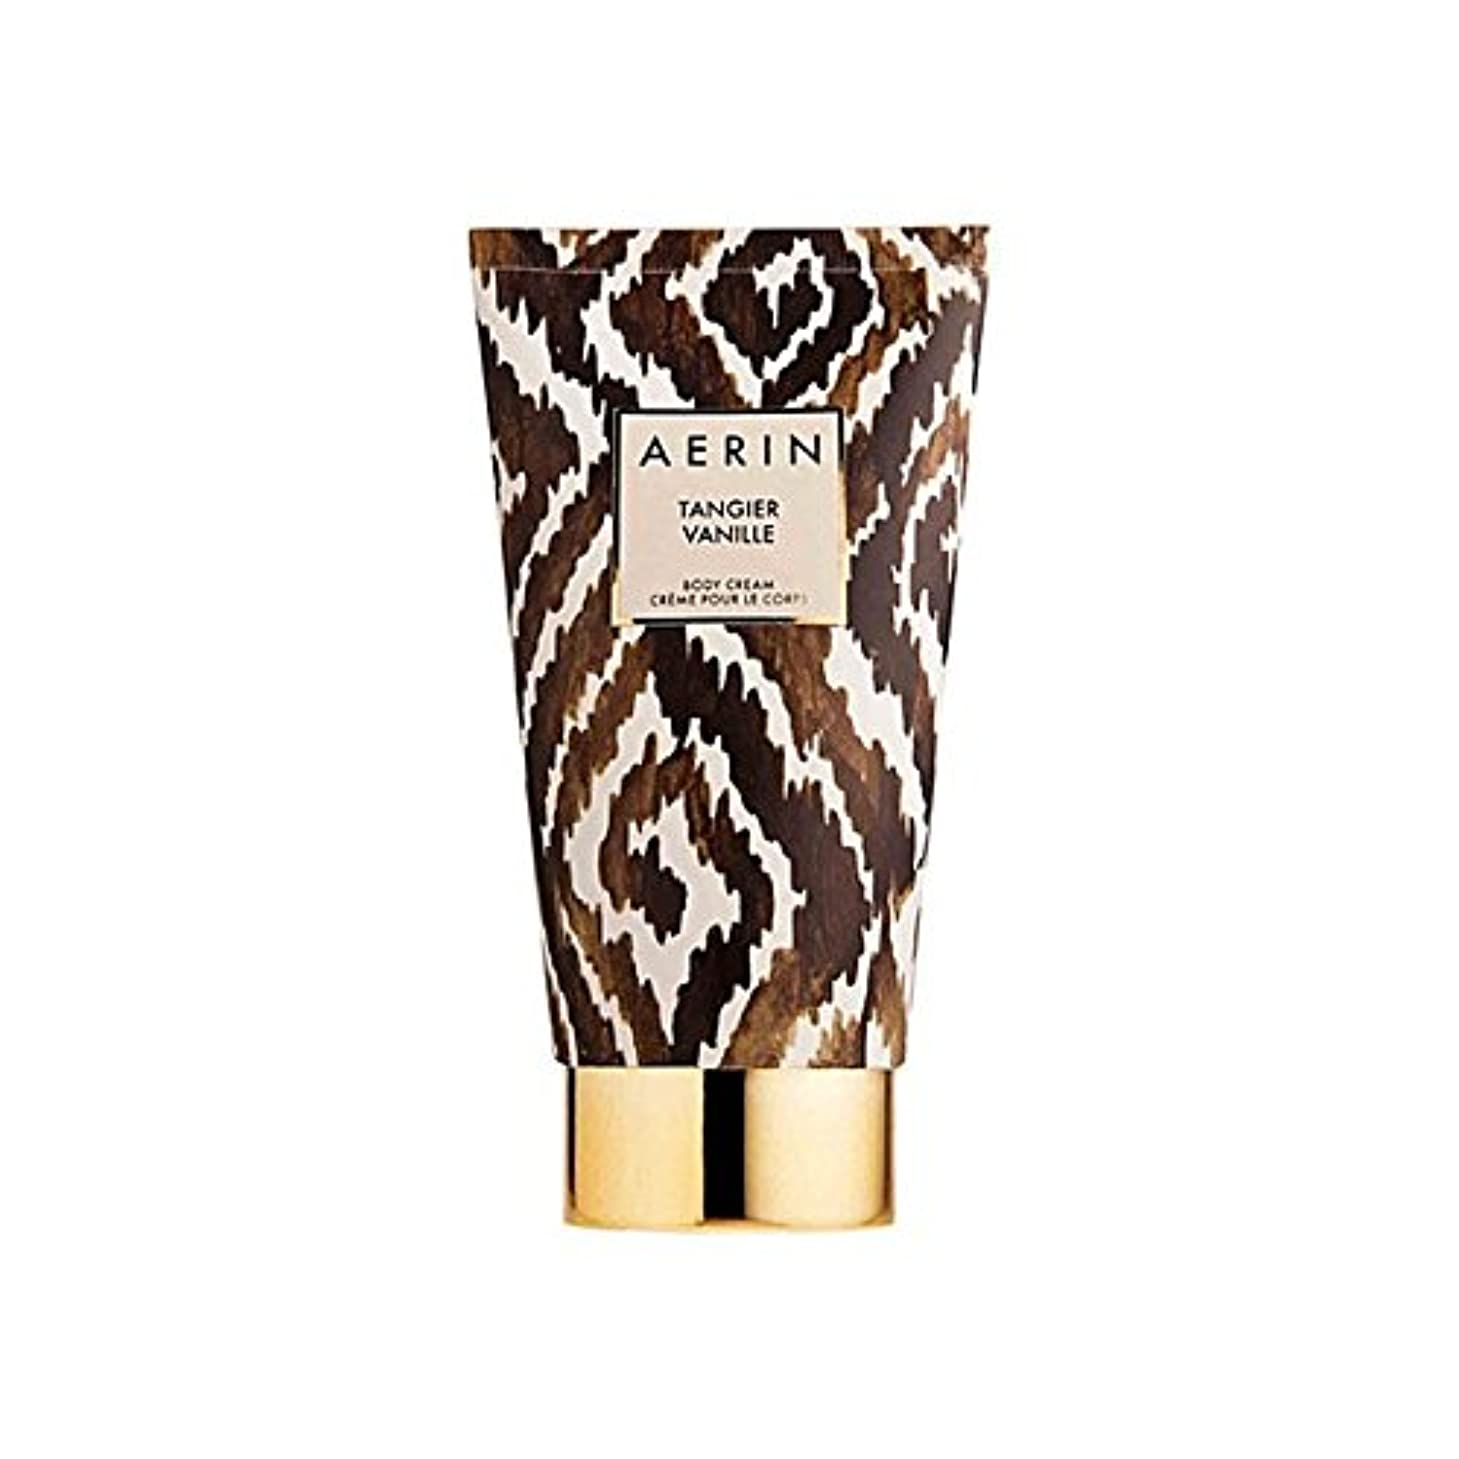 楽しむ感謝している散らすタンジールヴァニラボディクリーム x4 - Aerin Tangier Vanille Body Cream (Pack of 4) [並行輸入品]